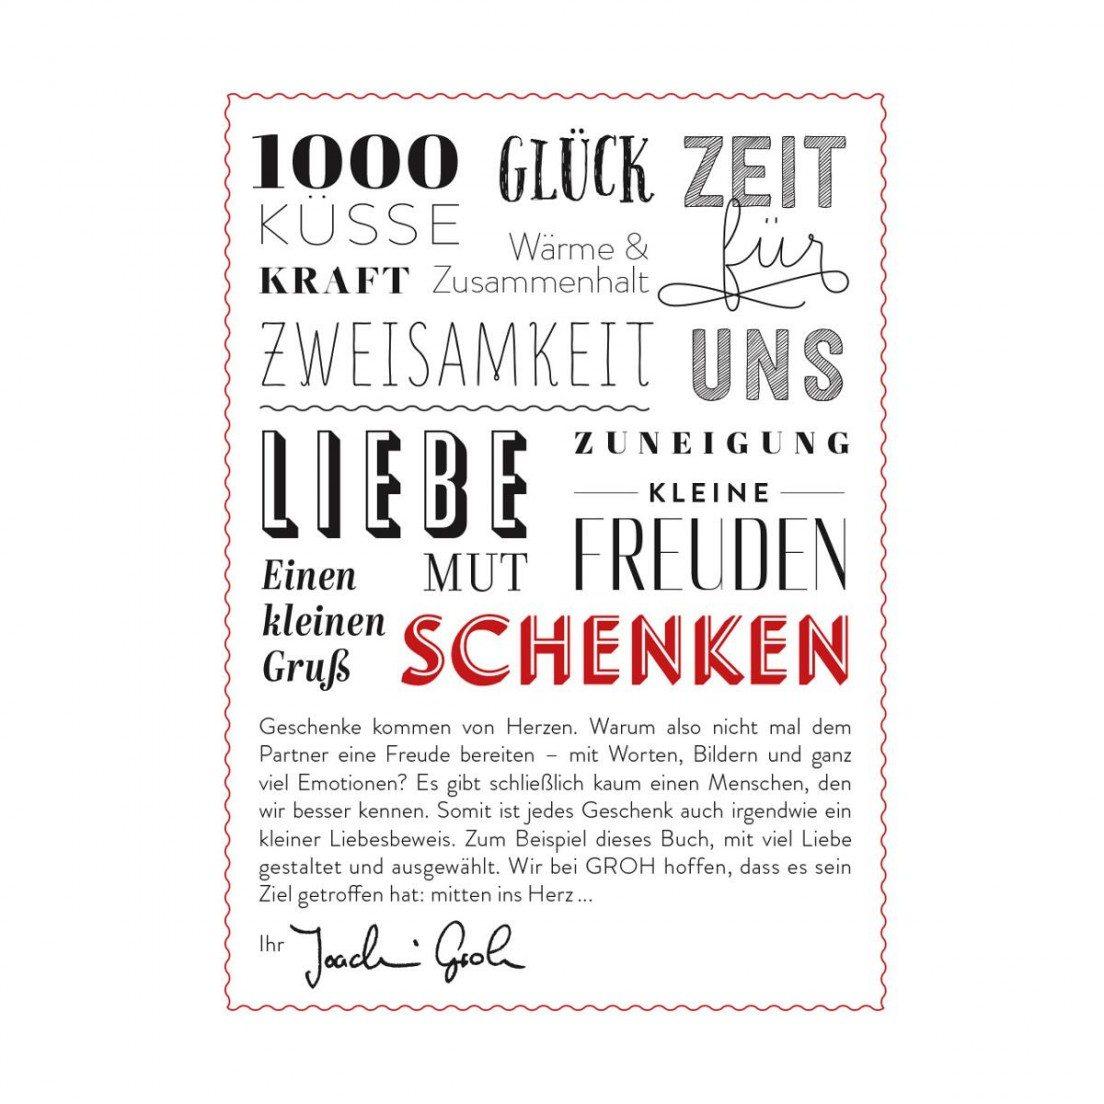 Liebesbeweis texte LIEBESSPRÜCHE ❤